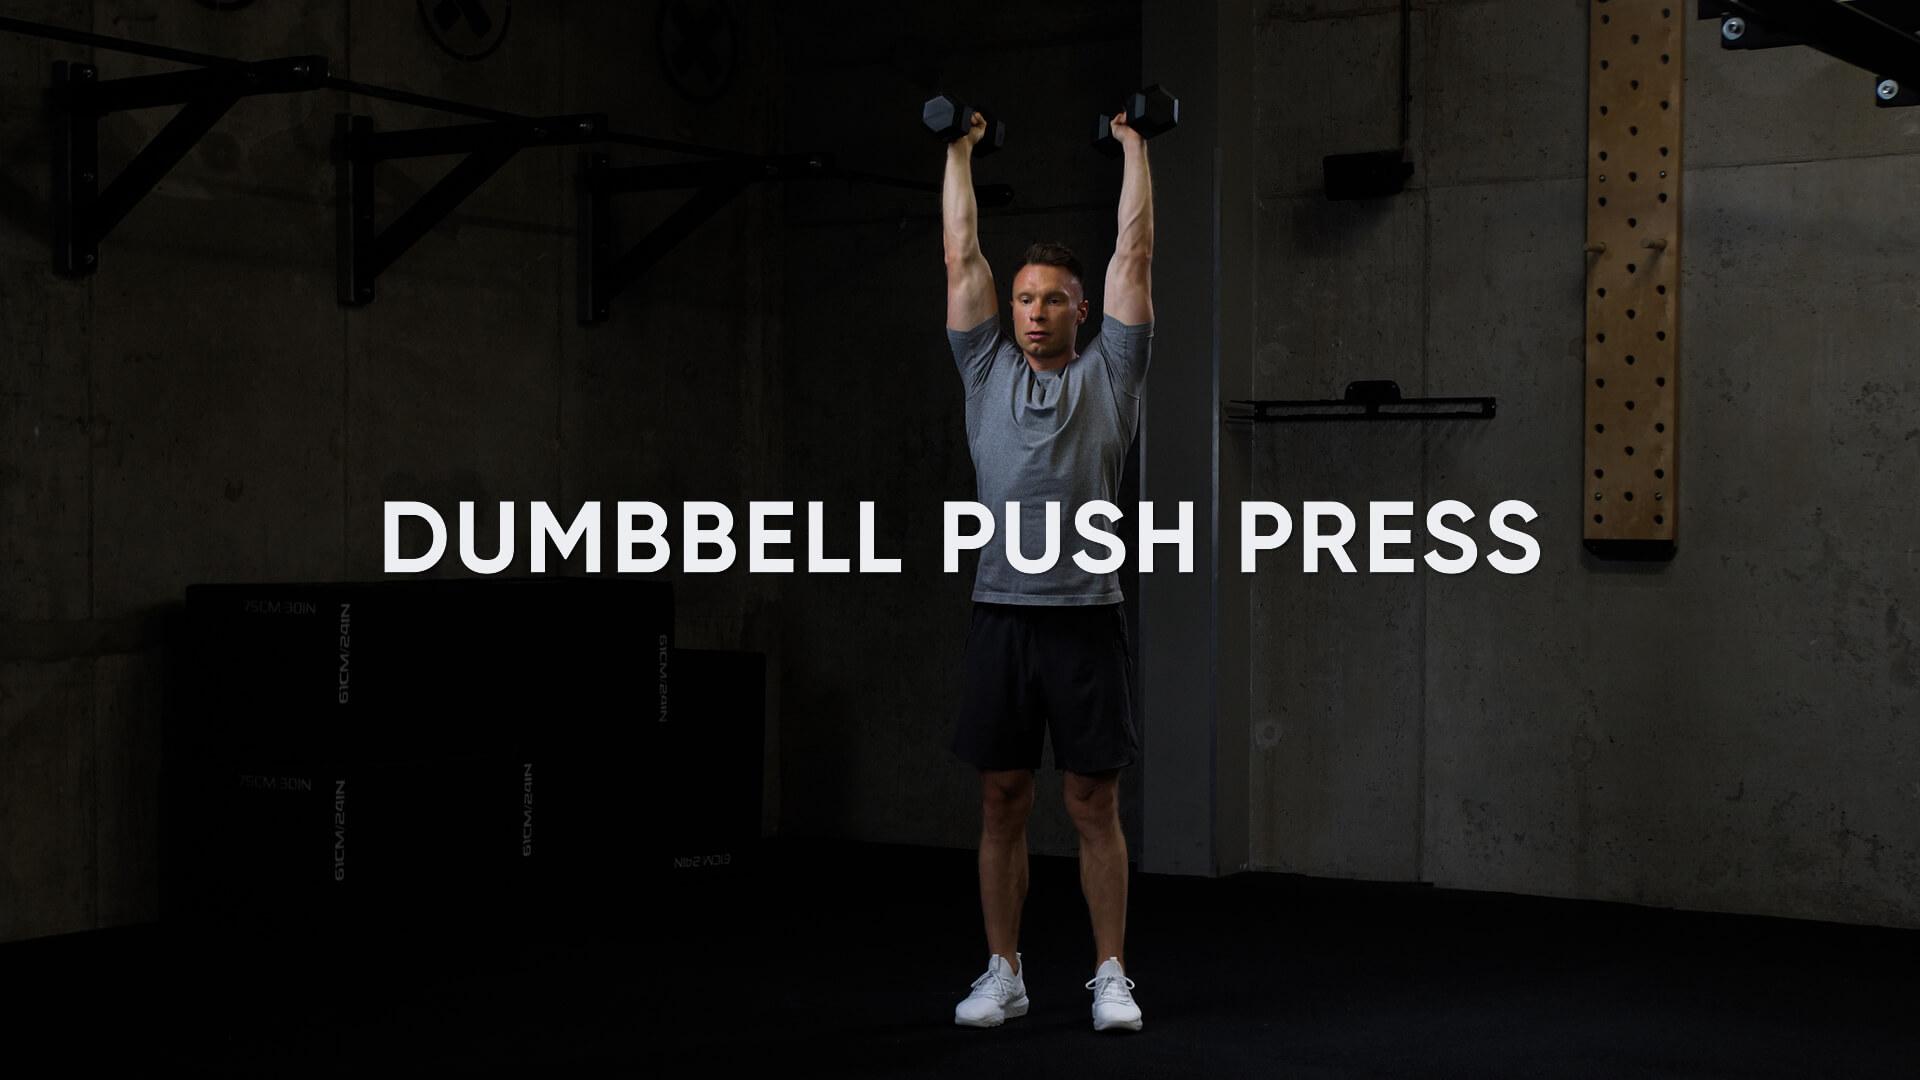 Dumbbell Push Press